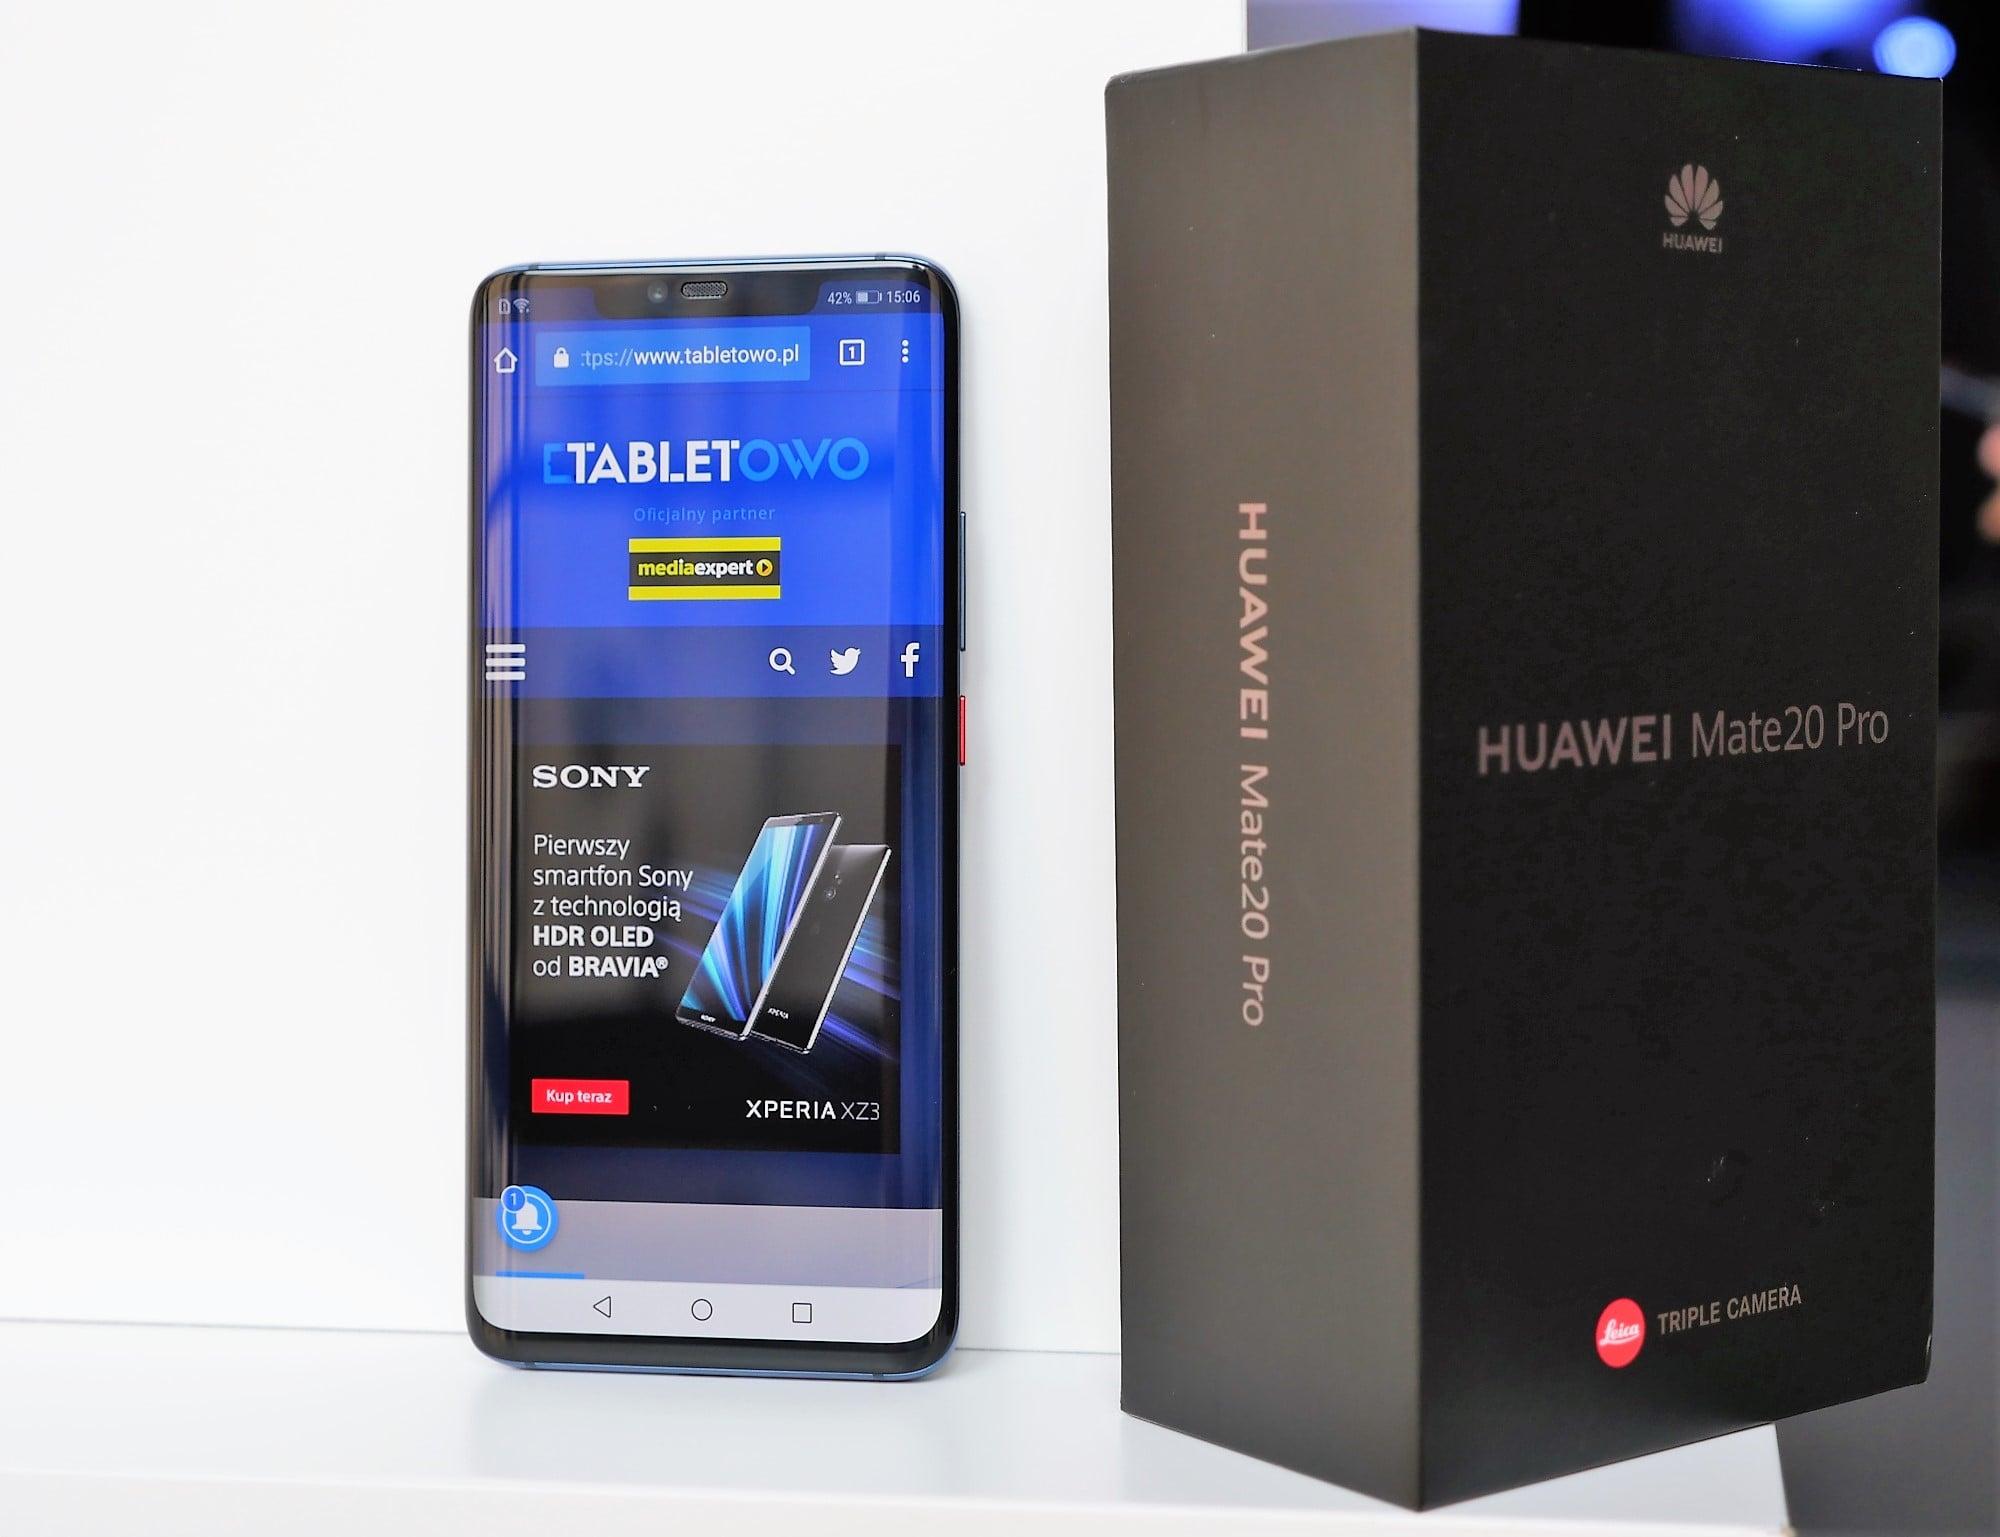 Huawei Mate 20 Pro - ultraszeroki kąt w aparacie, indukcyjne ładowanie, czytnik w (zakrzywionym) ekranie i wiele więcej. Pierwsze wrażenia 17